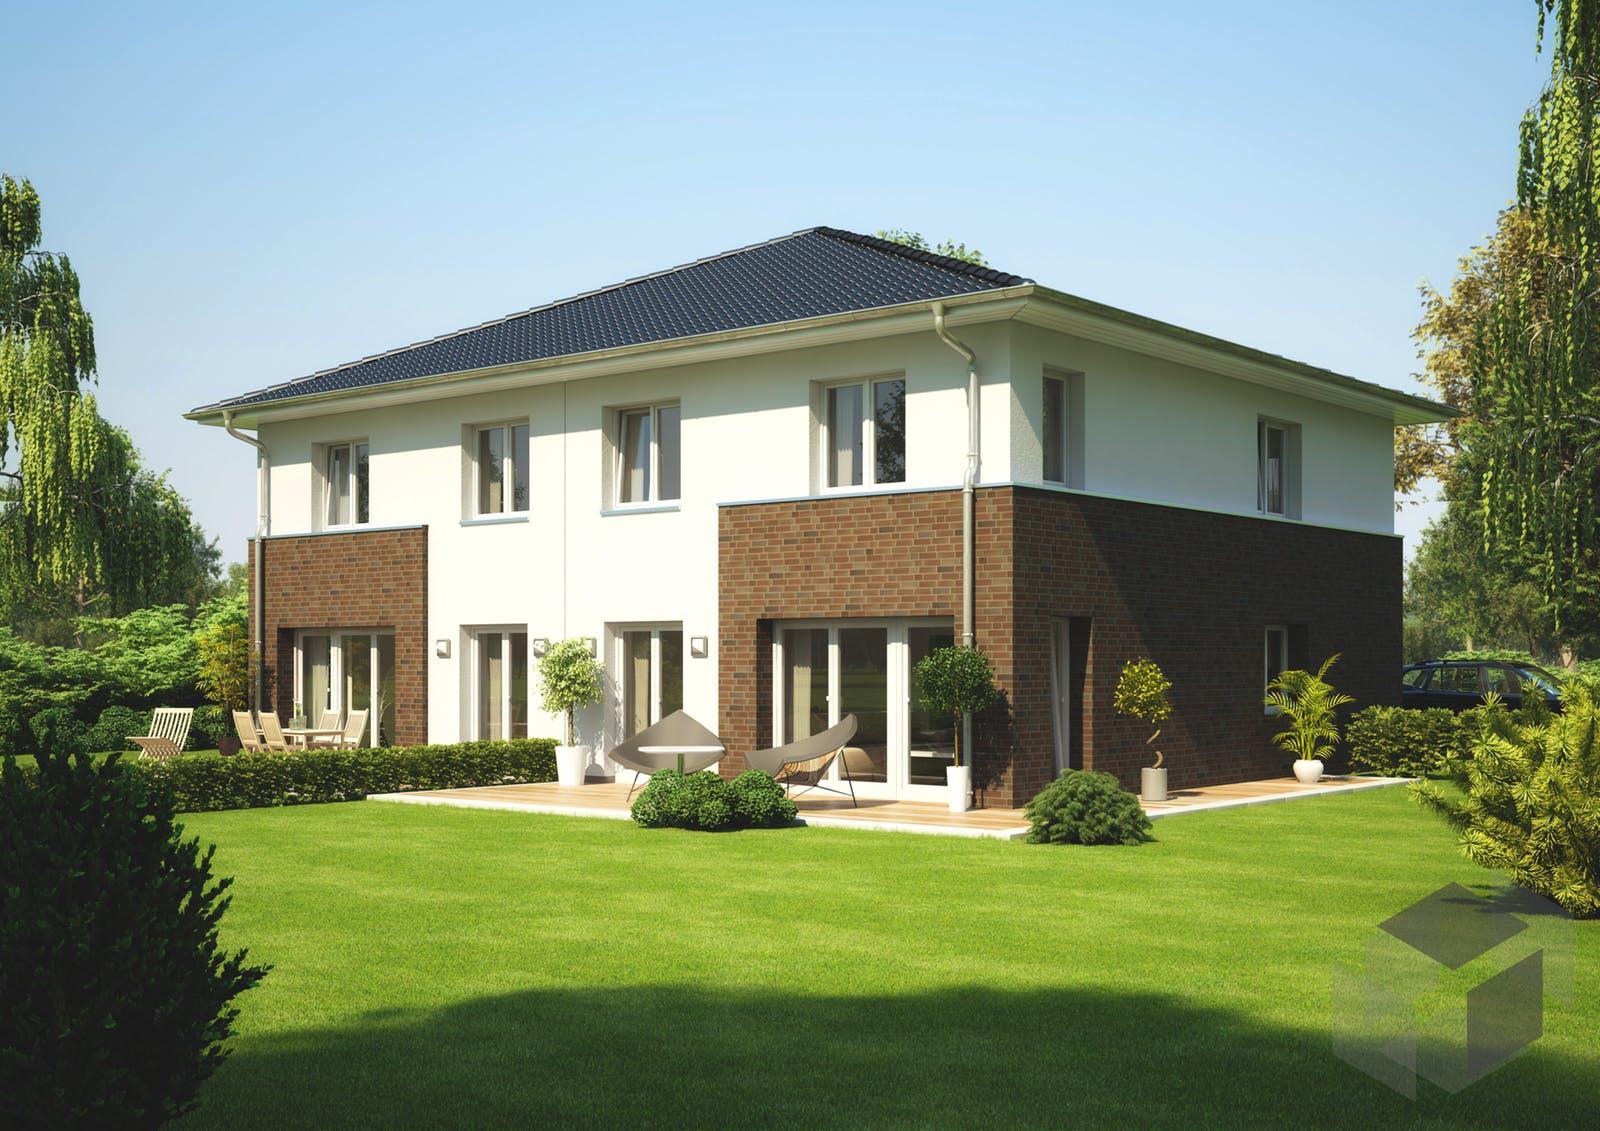 doppelhaus lucca von heinz von heiden massivh user komplette daten bersicht. Black Bedroom Furniture Sets. Home Design Ideas